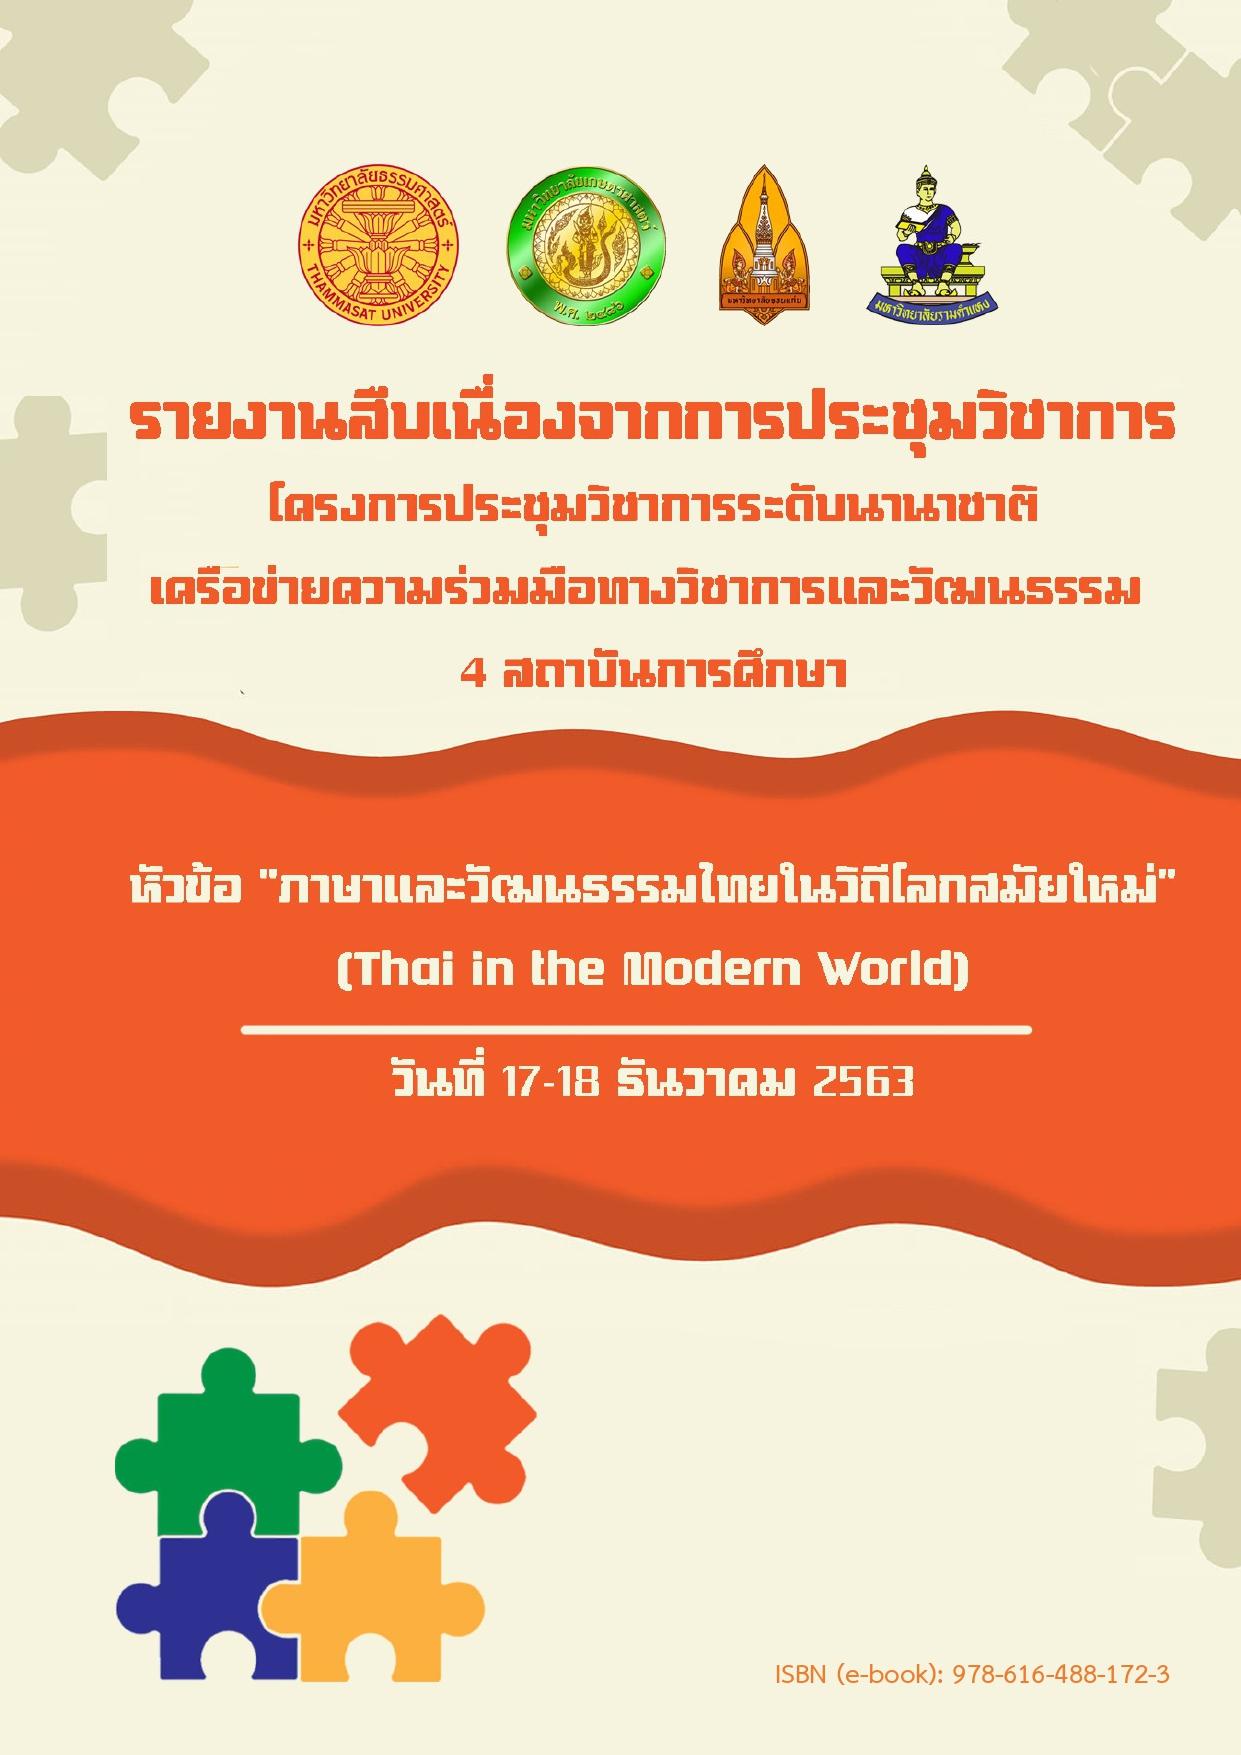 ประวัติของการเรียนการสอนภาษาไทยเป็นภาษาต่างประเทศในสถาบันอุดมศึกษาของรัสเซีย หลักสูตรปริญญาตรี(ควบโทแบบโซเวียต)